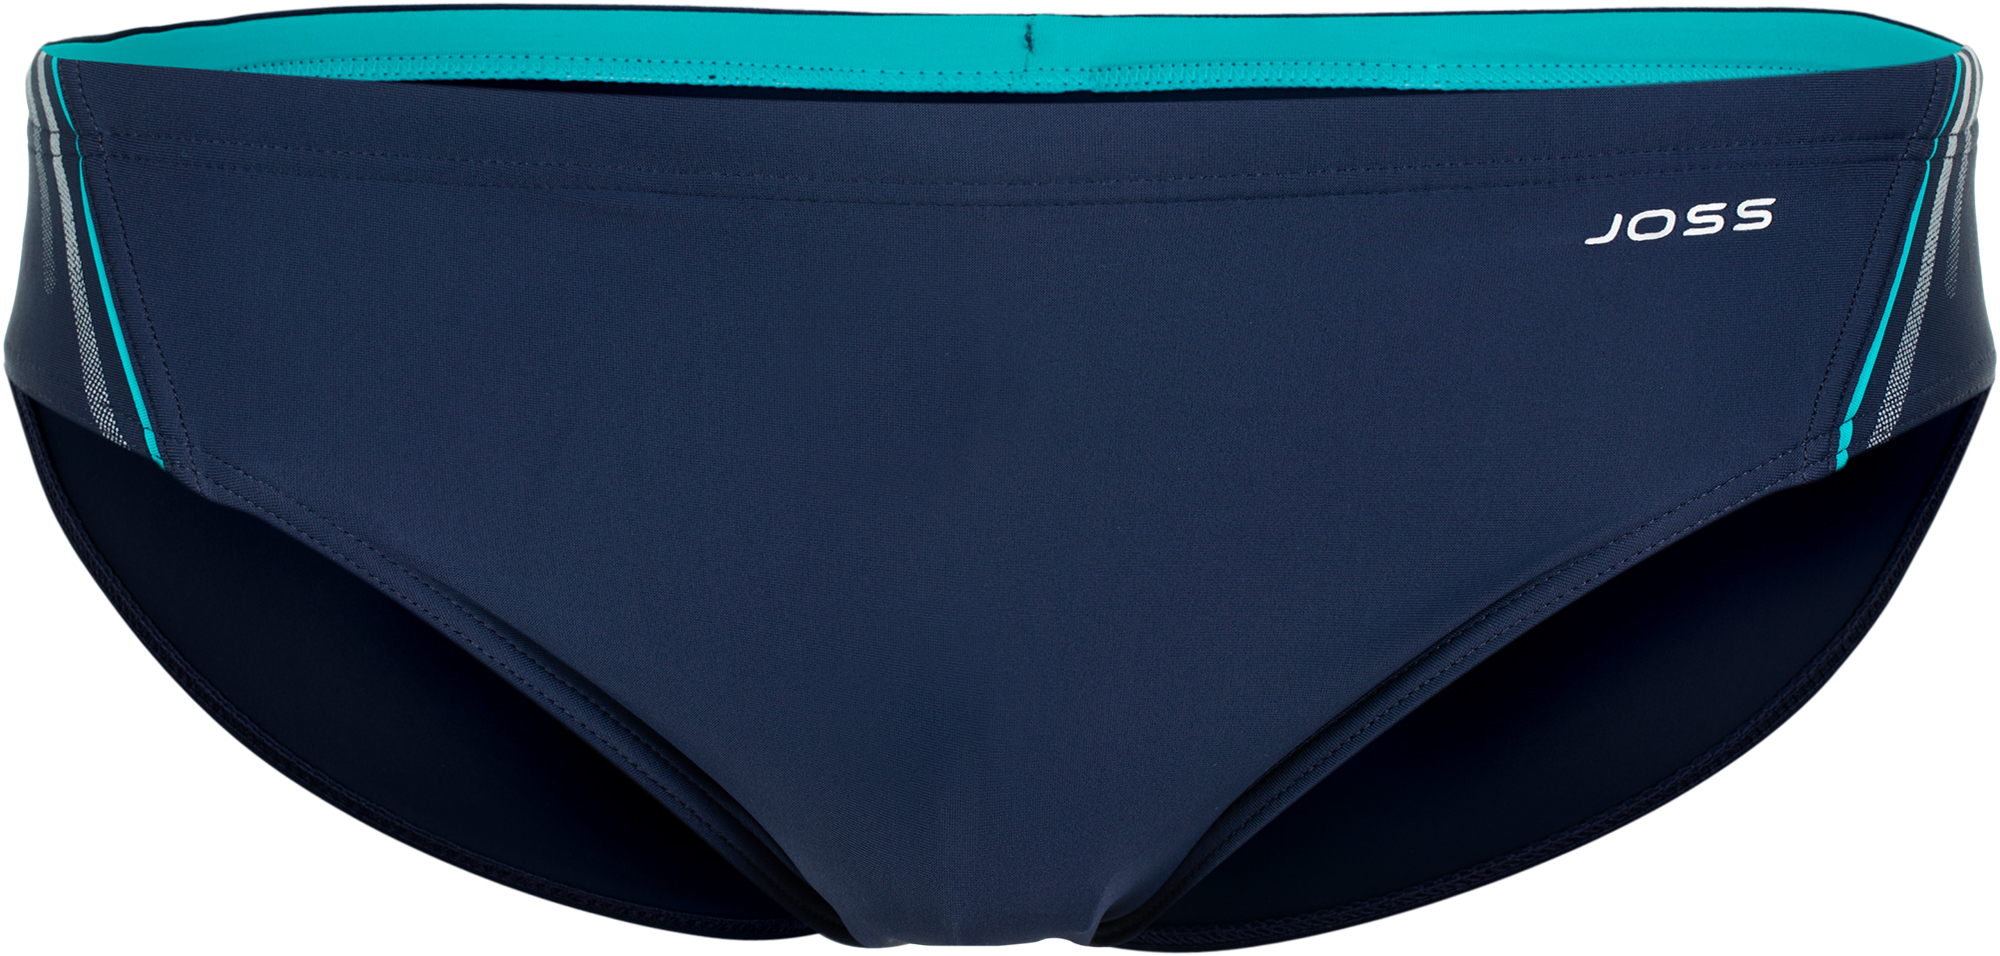 Joss Плавки мужские Joss, размер 52 плавки для мальчика joss boys swim trunks цвет синий blx05s6 mm размер 164